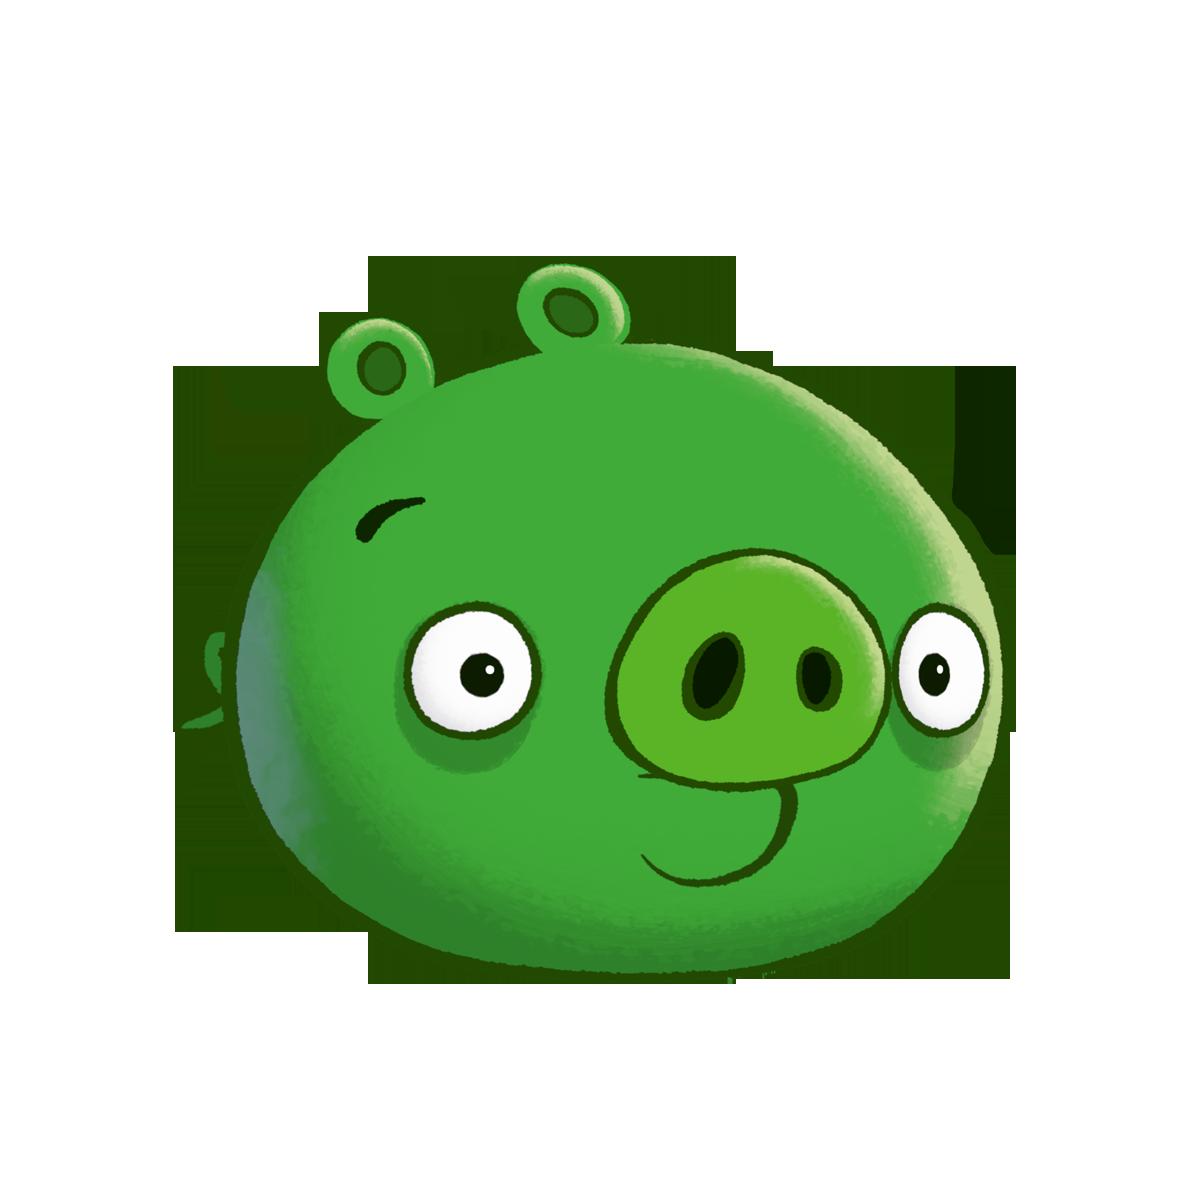 Картинки свинки енгрибердс